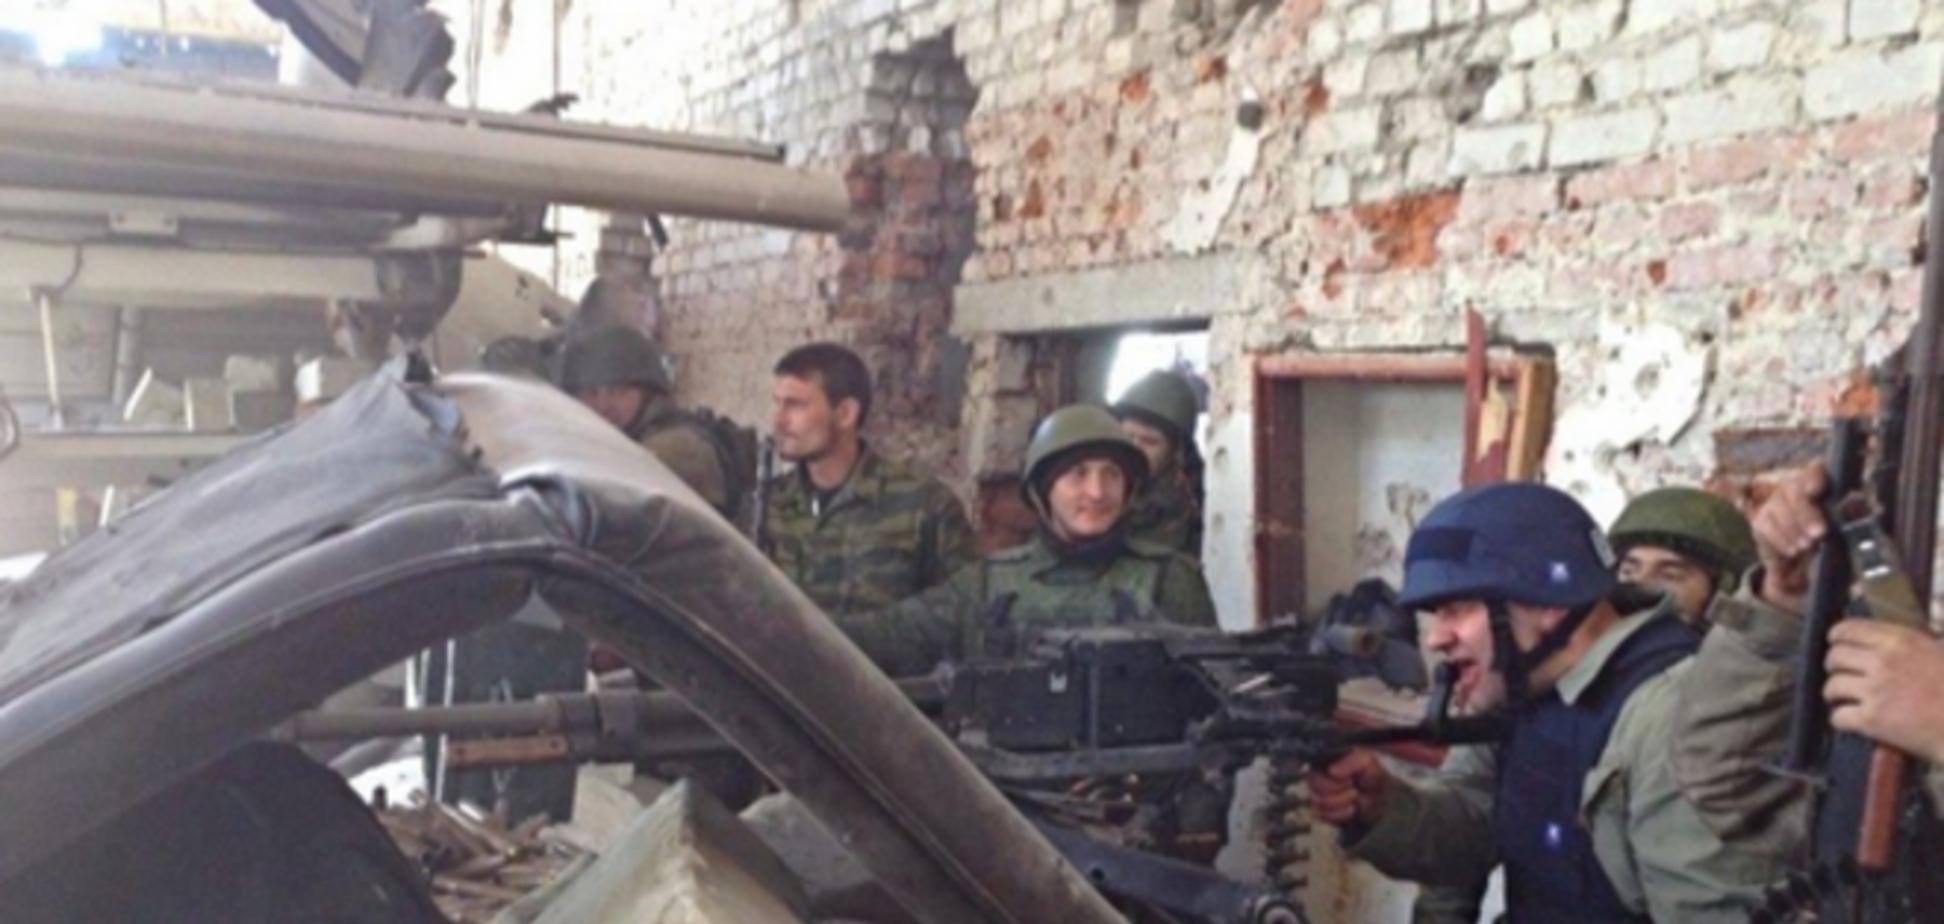 Пореченков о своей стрельбе по украинским военным: смешной какой-то вопрос